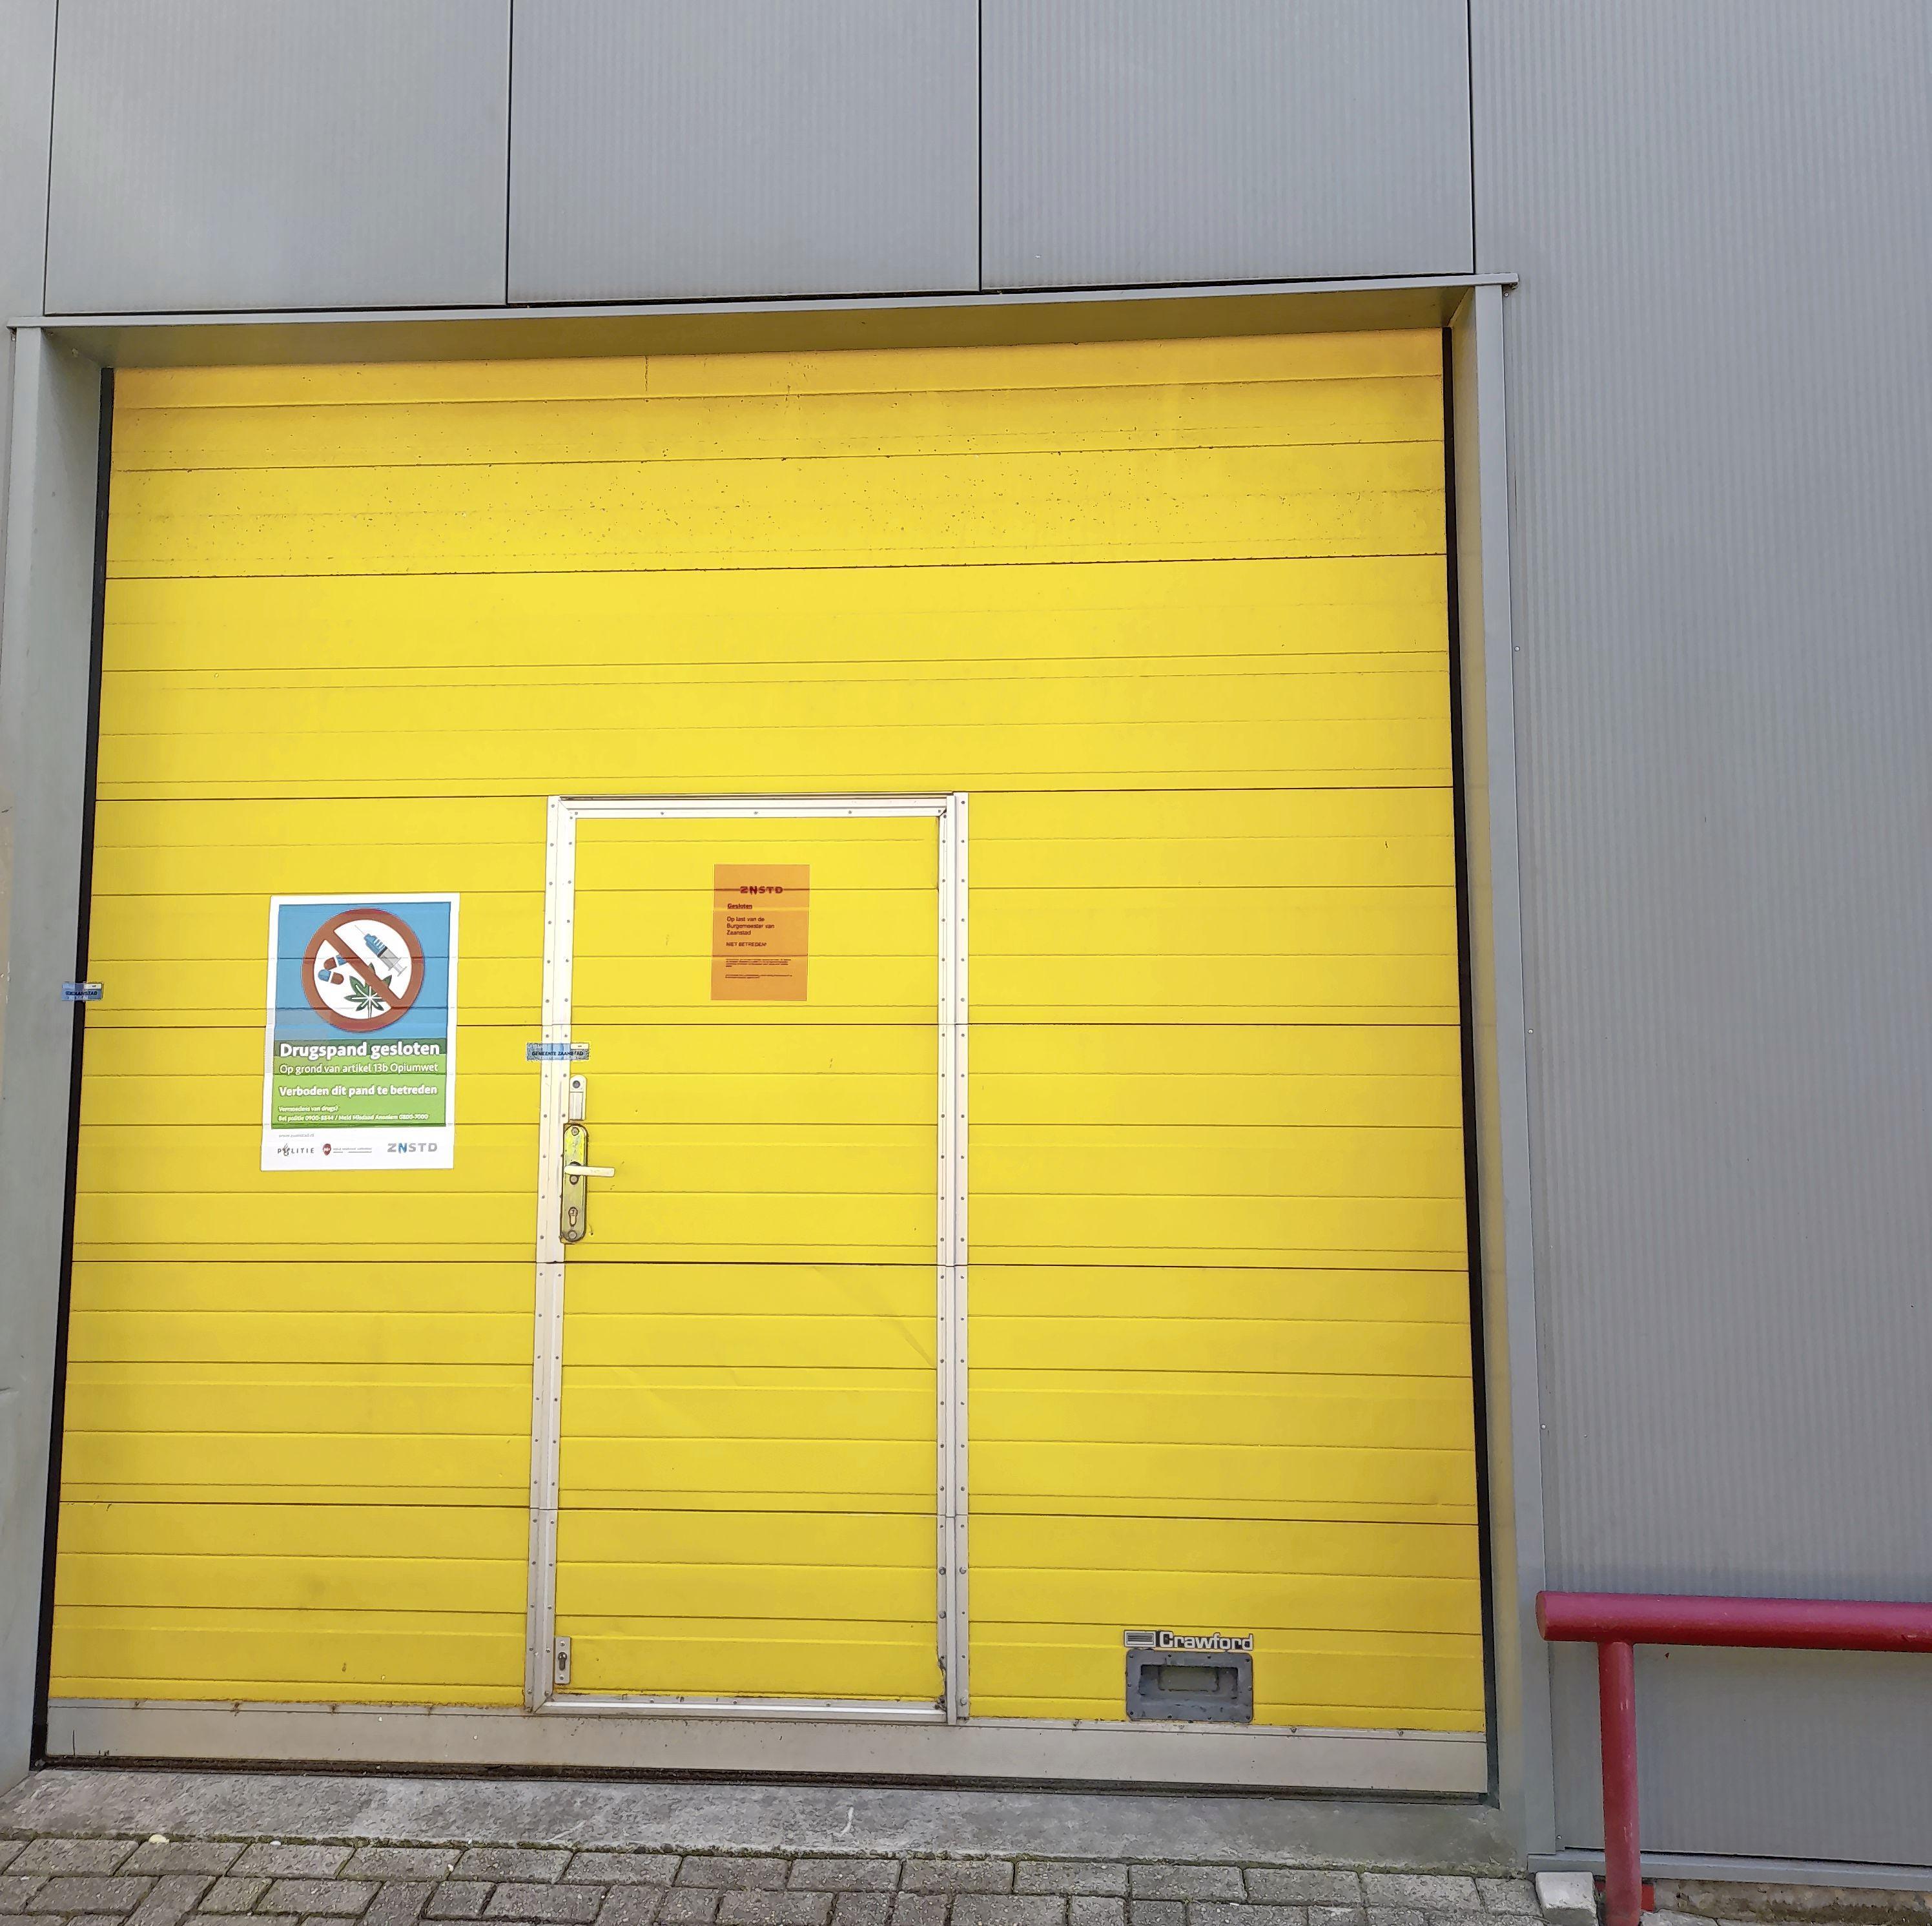 Drugspand in Wormerveer gesloten voor negen maanden. Hennepkwekerij in bedrijfsgebouw